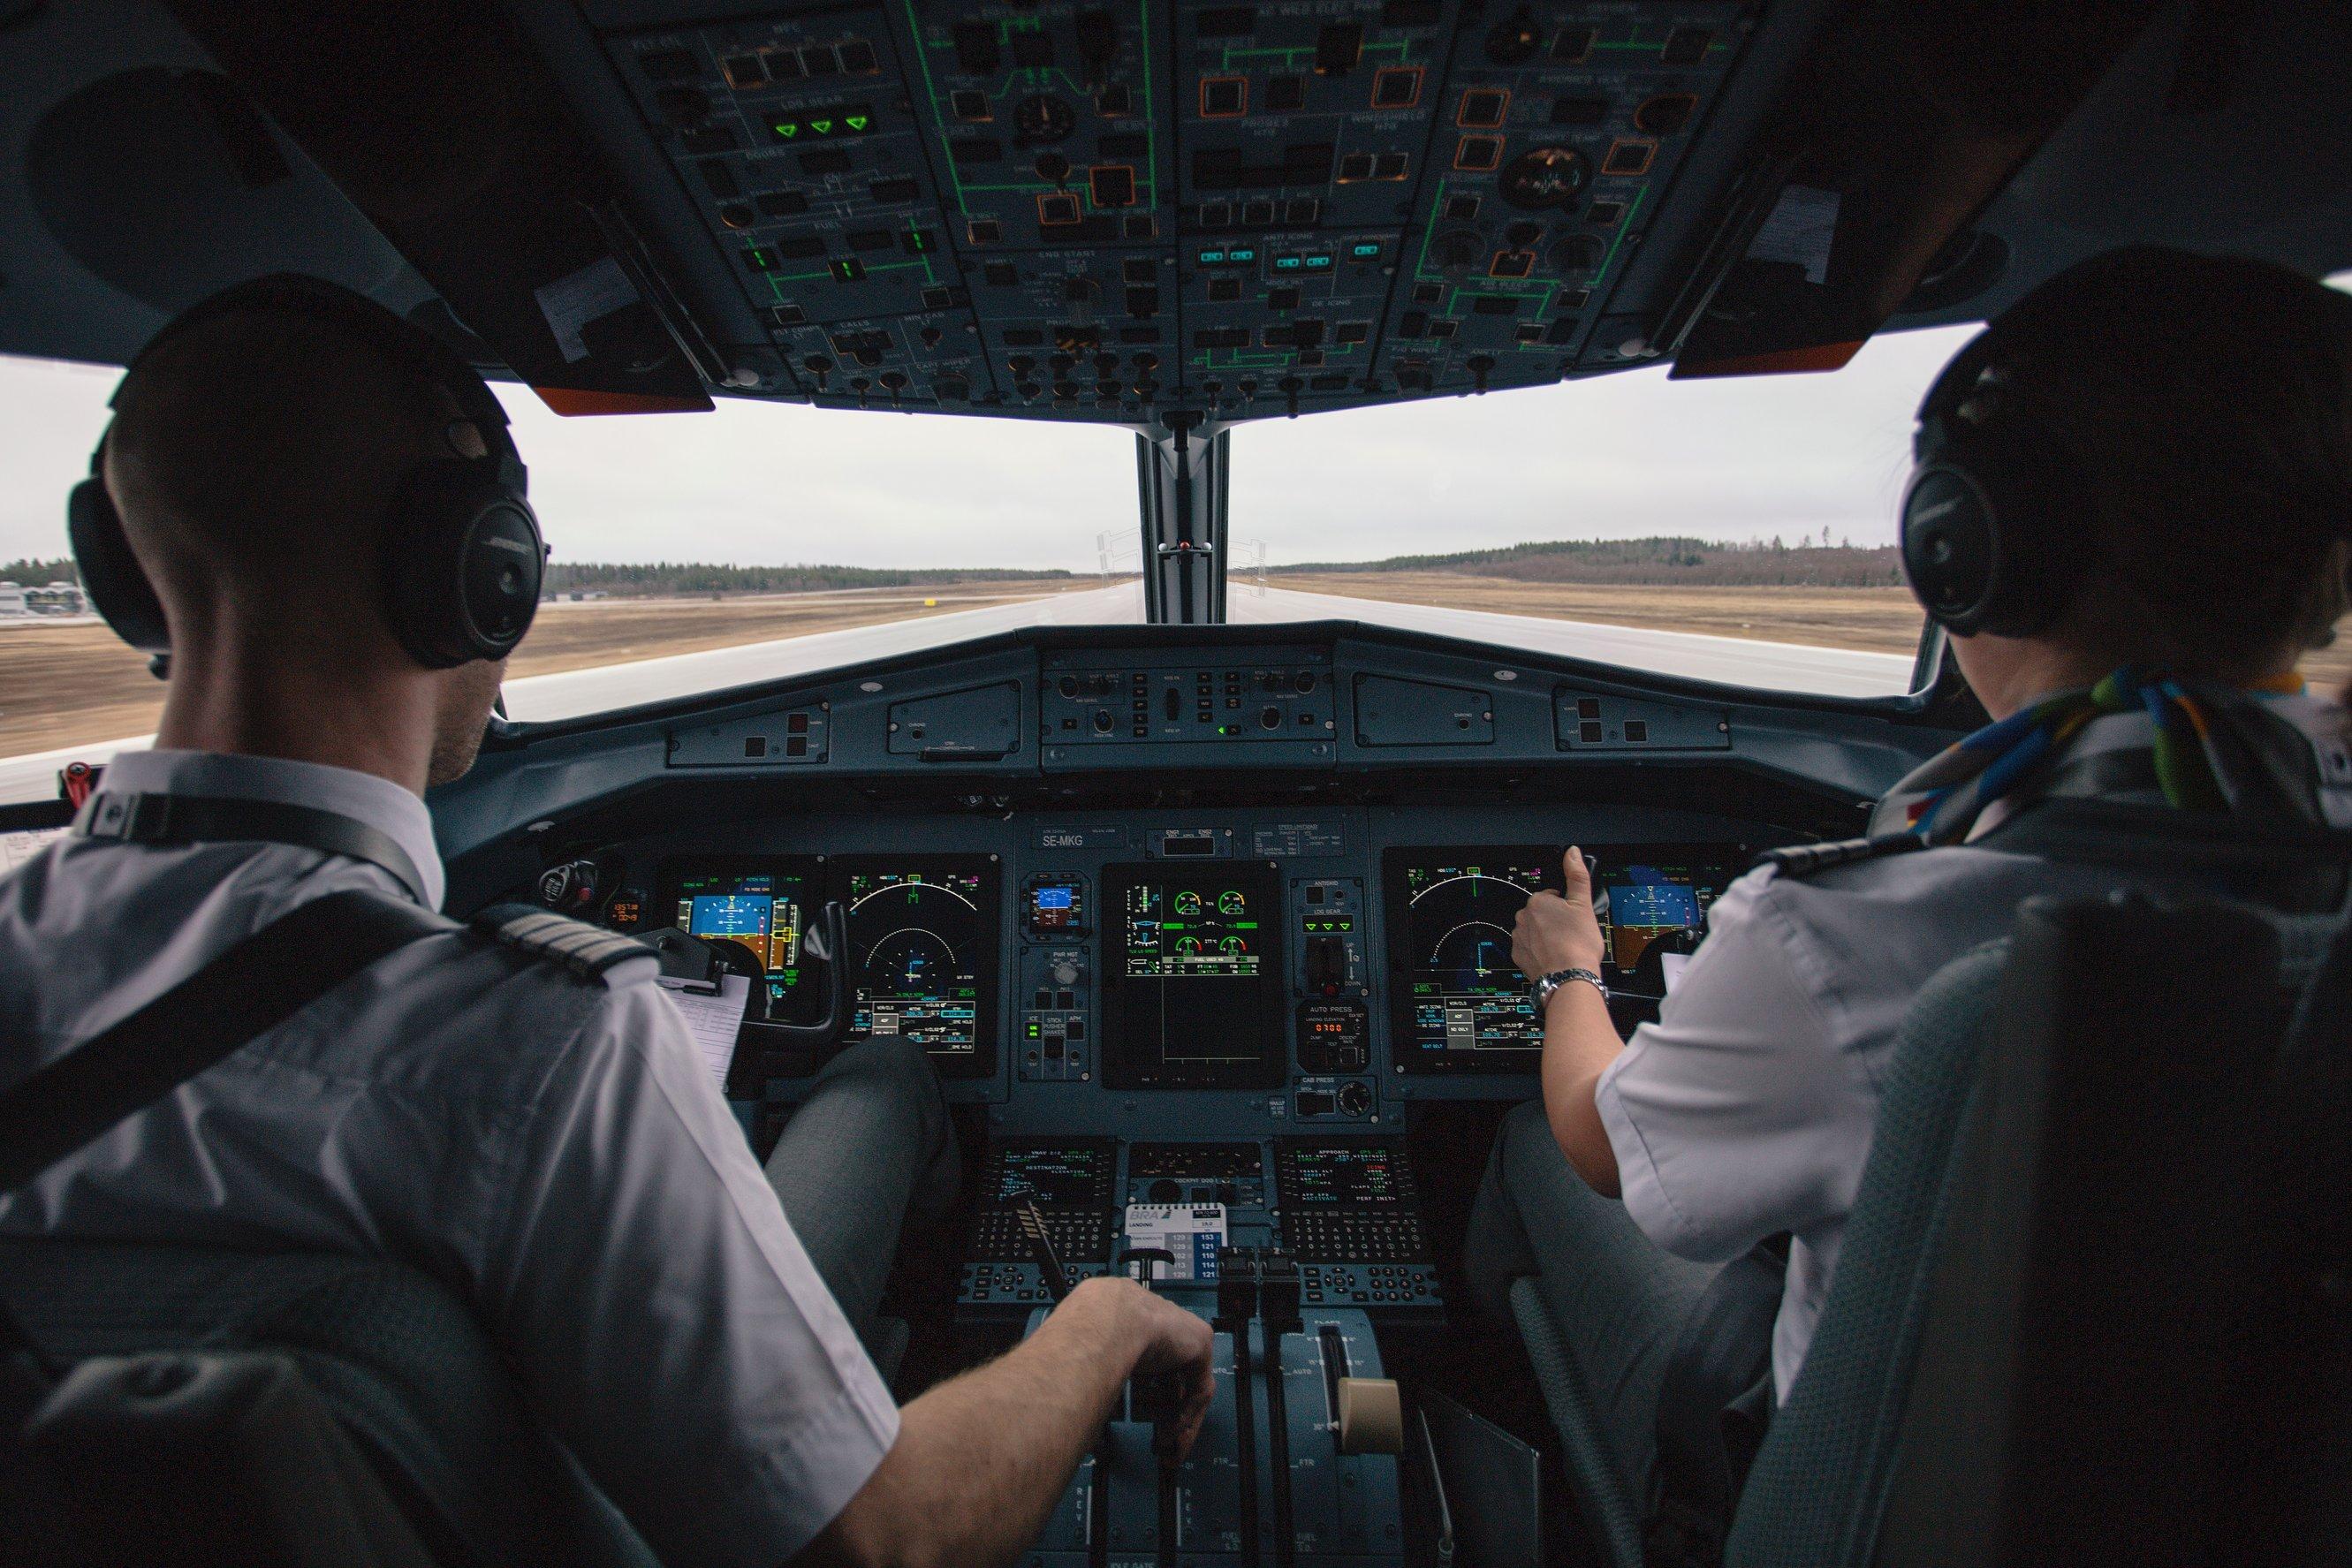 מה קורה בתא הטייס